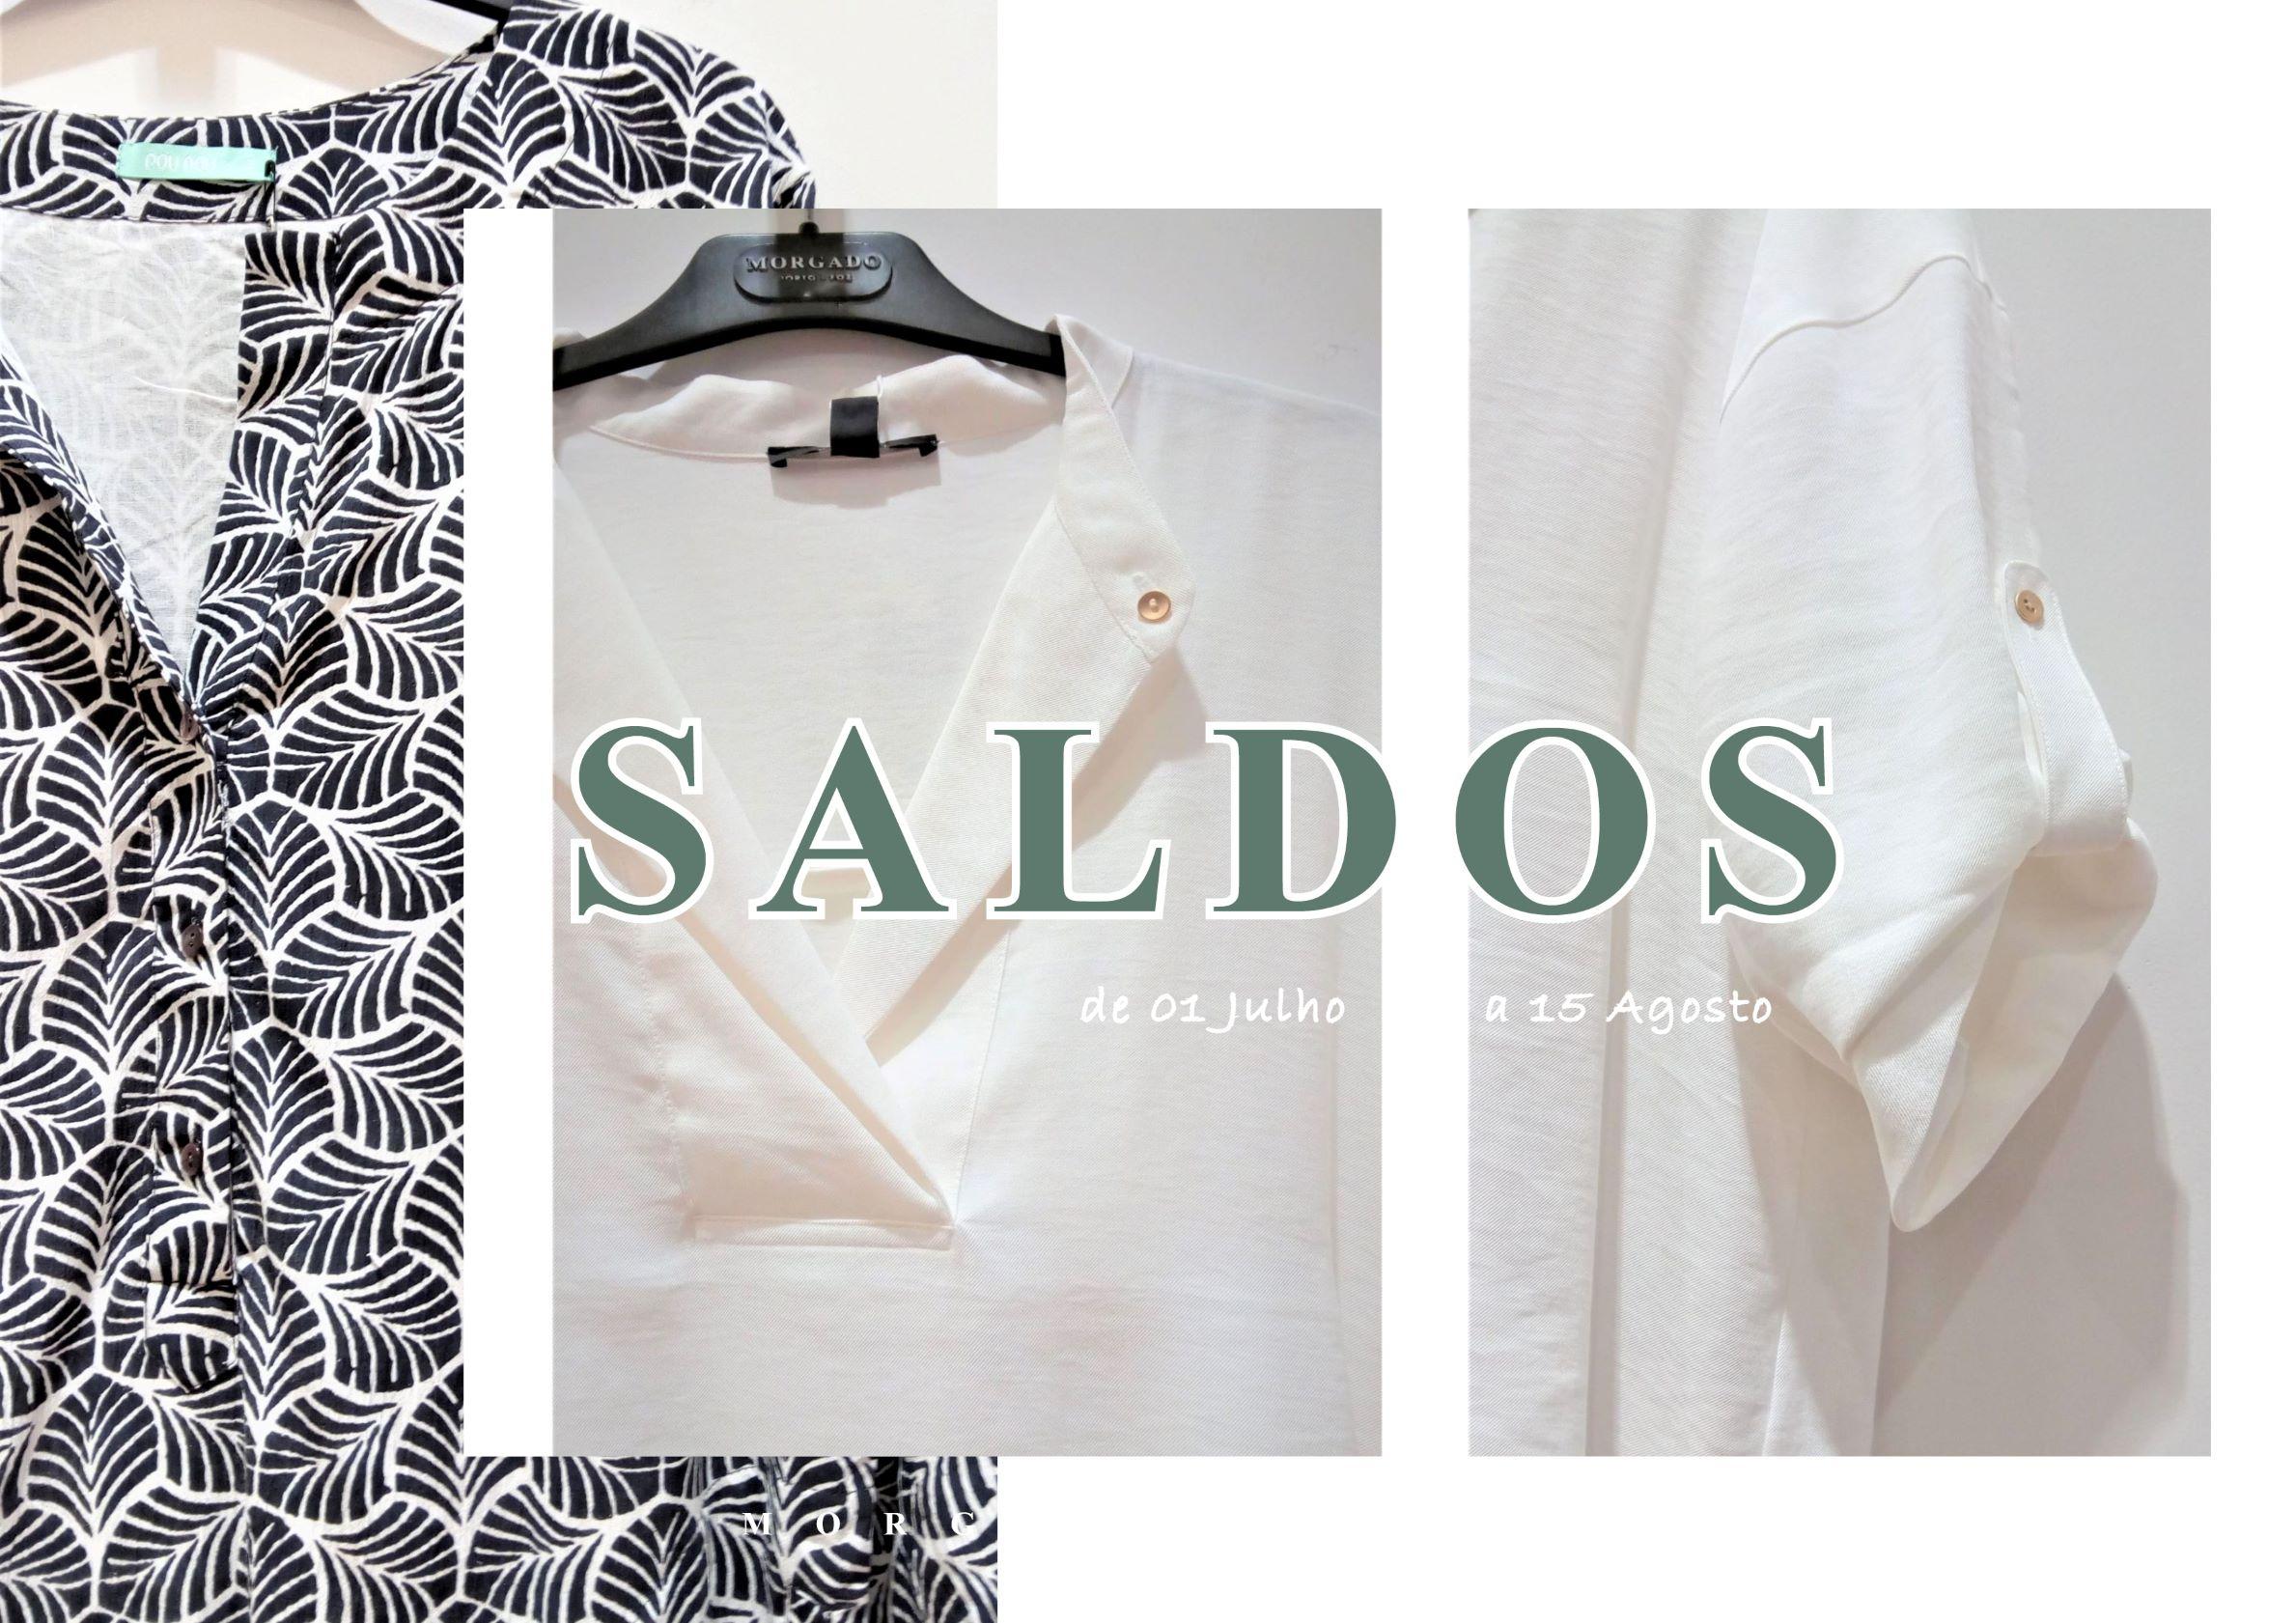 Campanha SALDOS Primavera Verão 2019